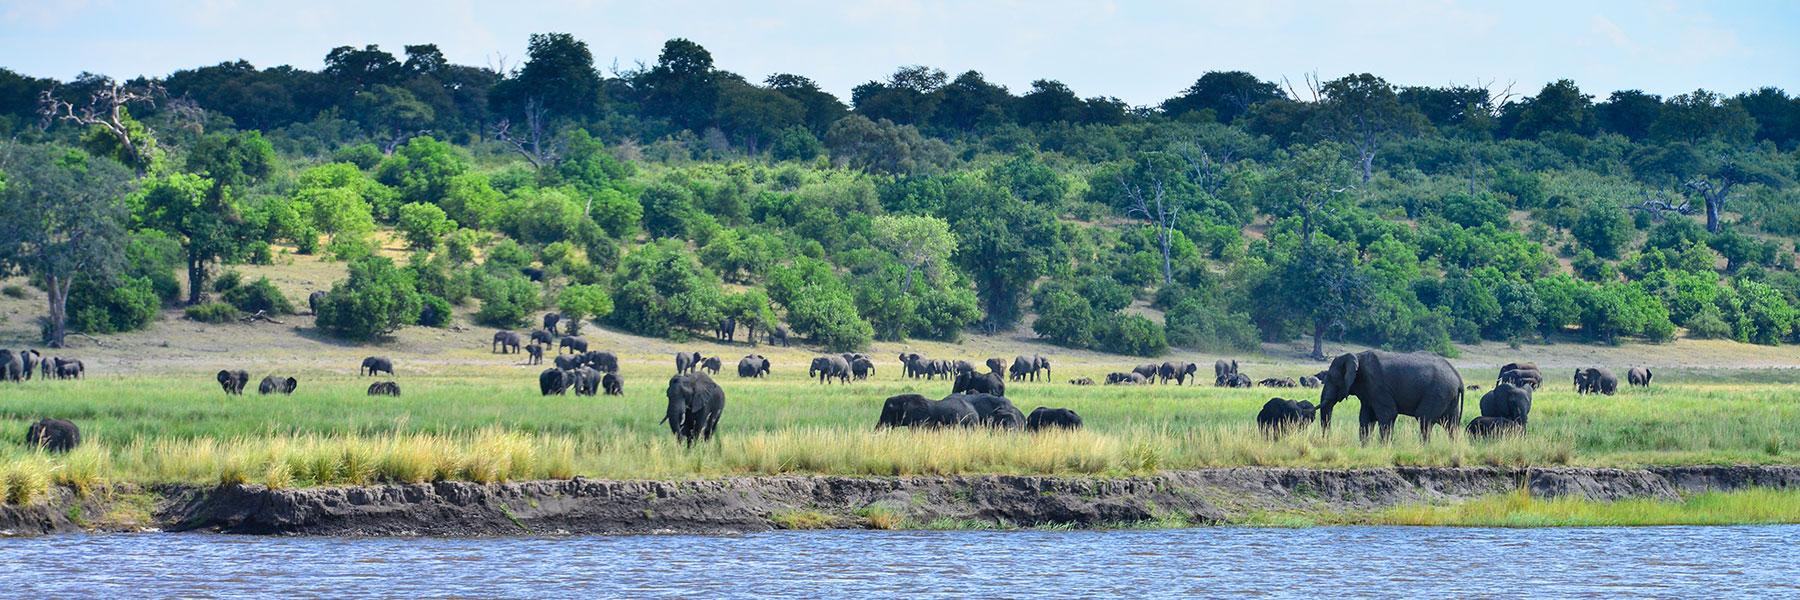 Elefantes en Chobe - Crucero por el río Chobe